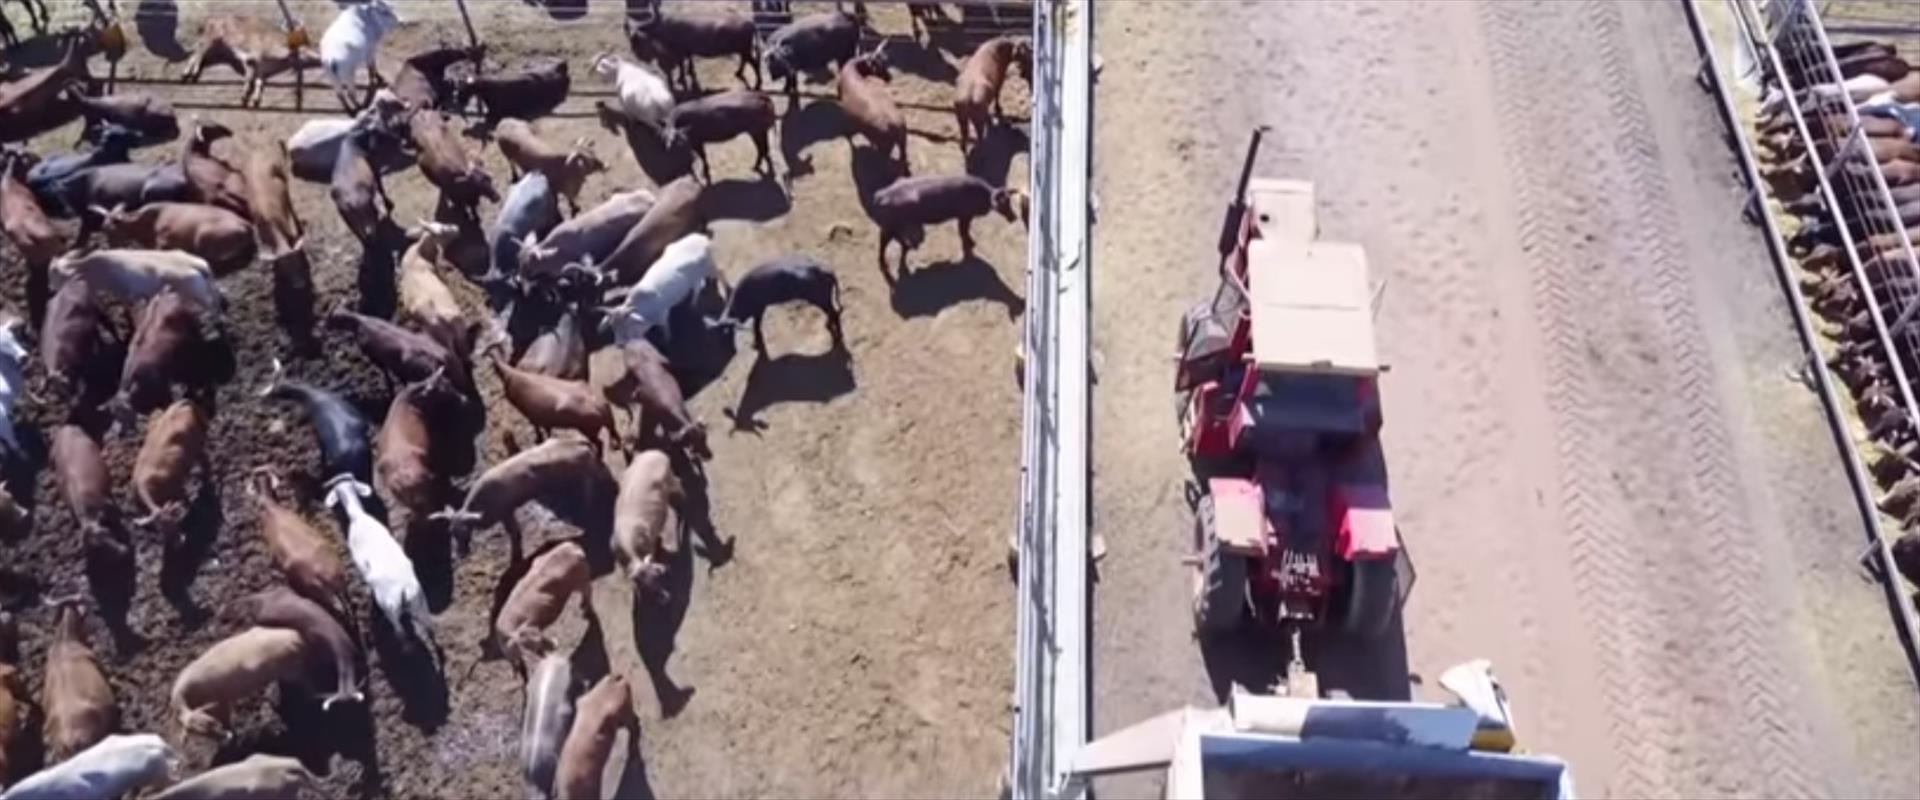 חוות בקר באוסטרליה, בה תועדה התעללות